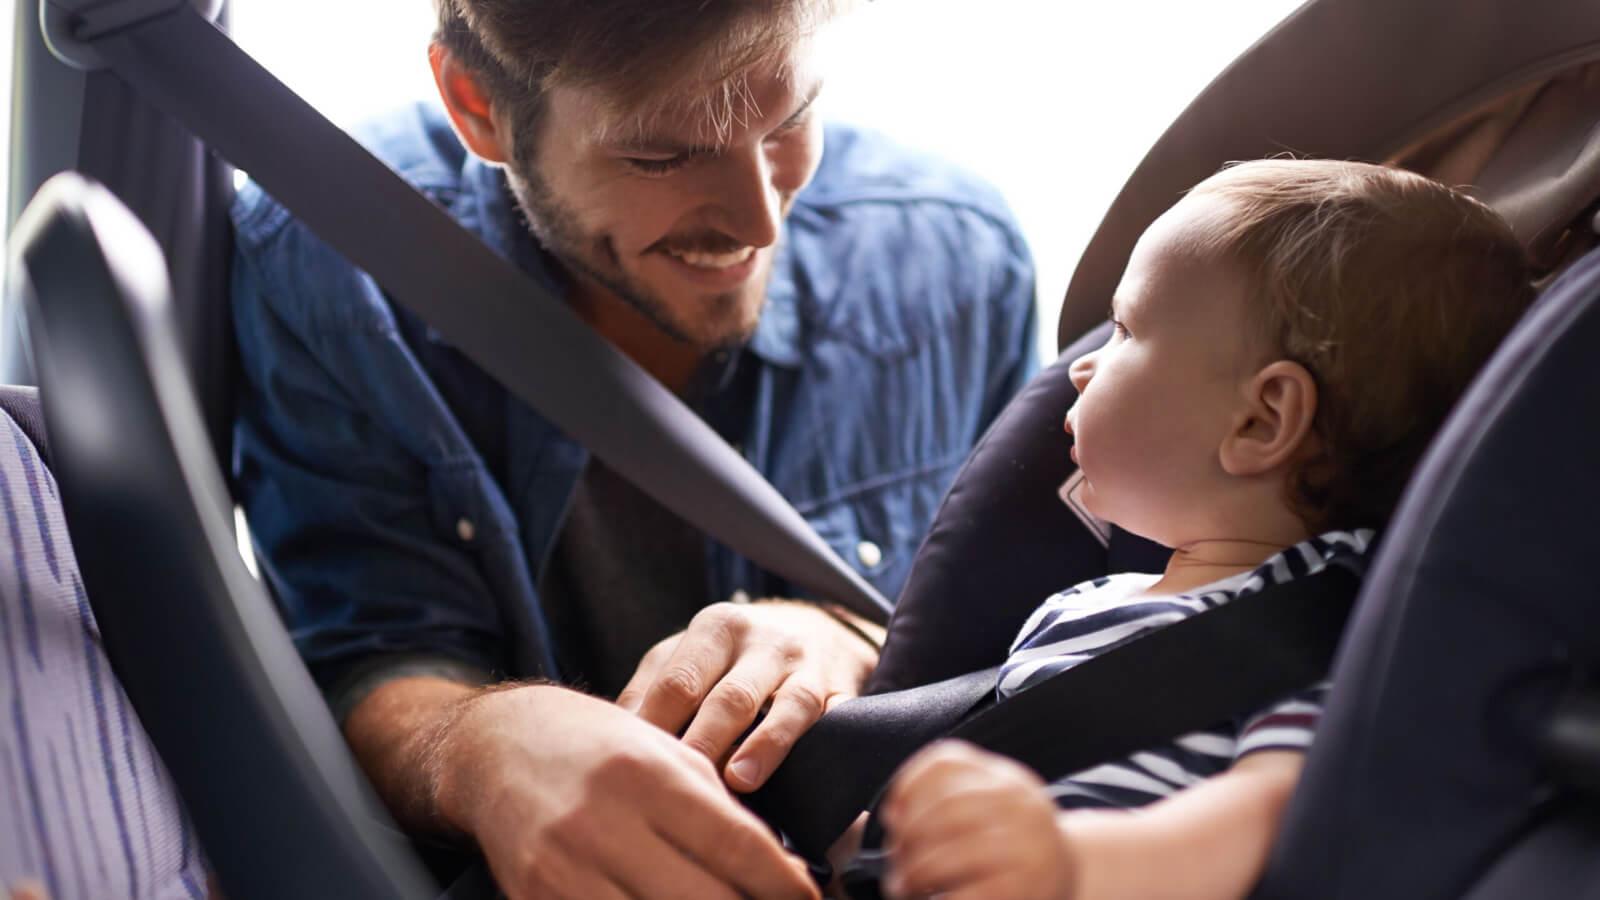 No llevar el cinturón o los sistemas de retención infantil